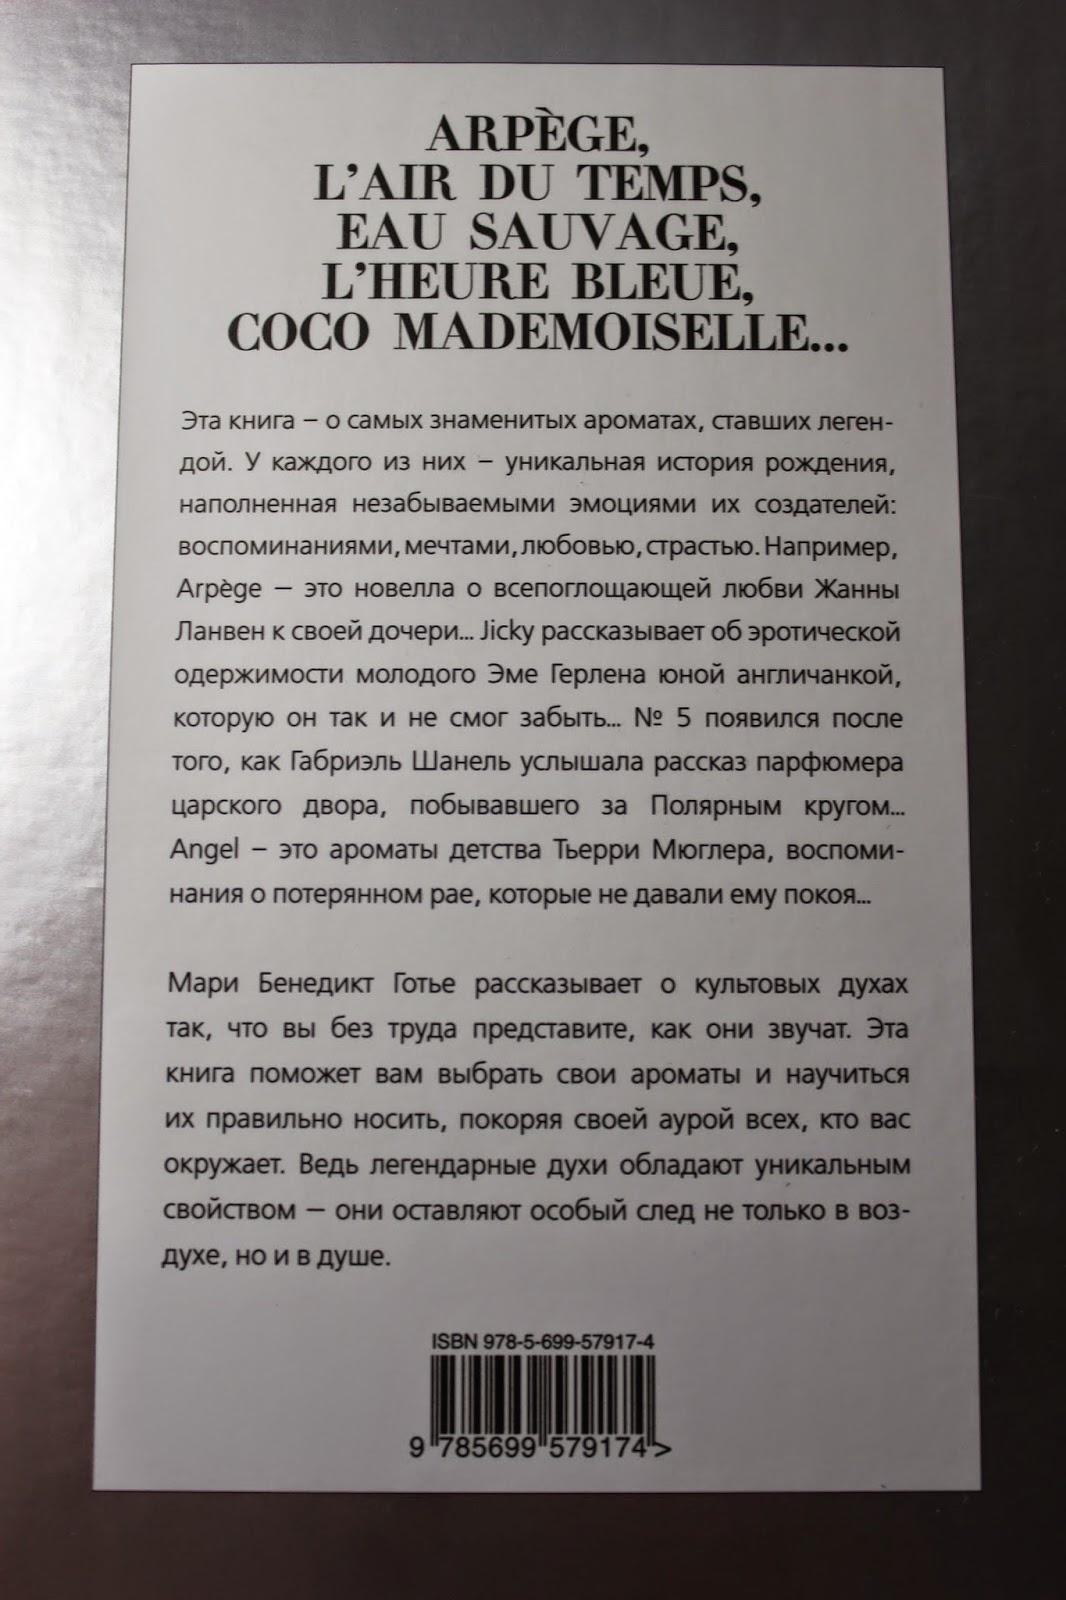 Отзыв на книгу Мари Готье Parfums mythiques. Эксклюзивная коллекция легендарных духов